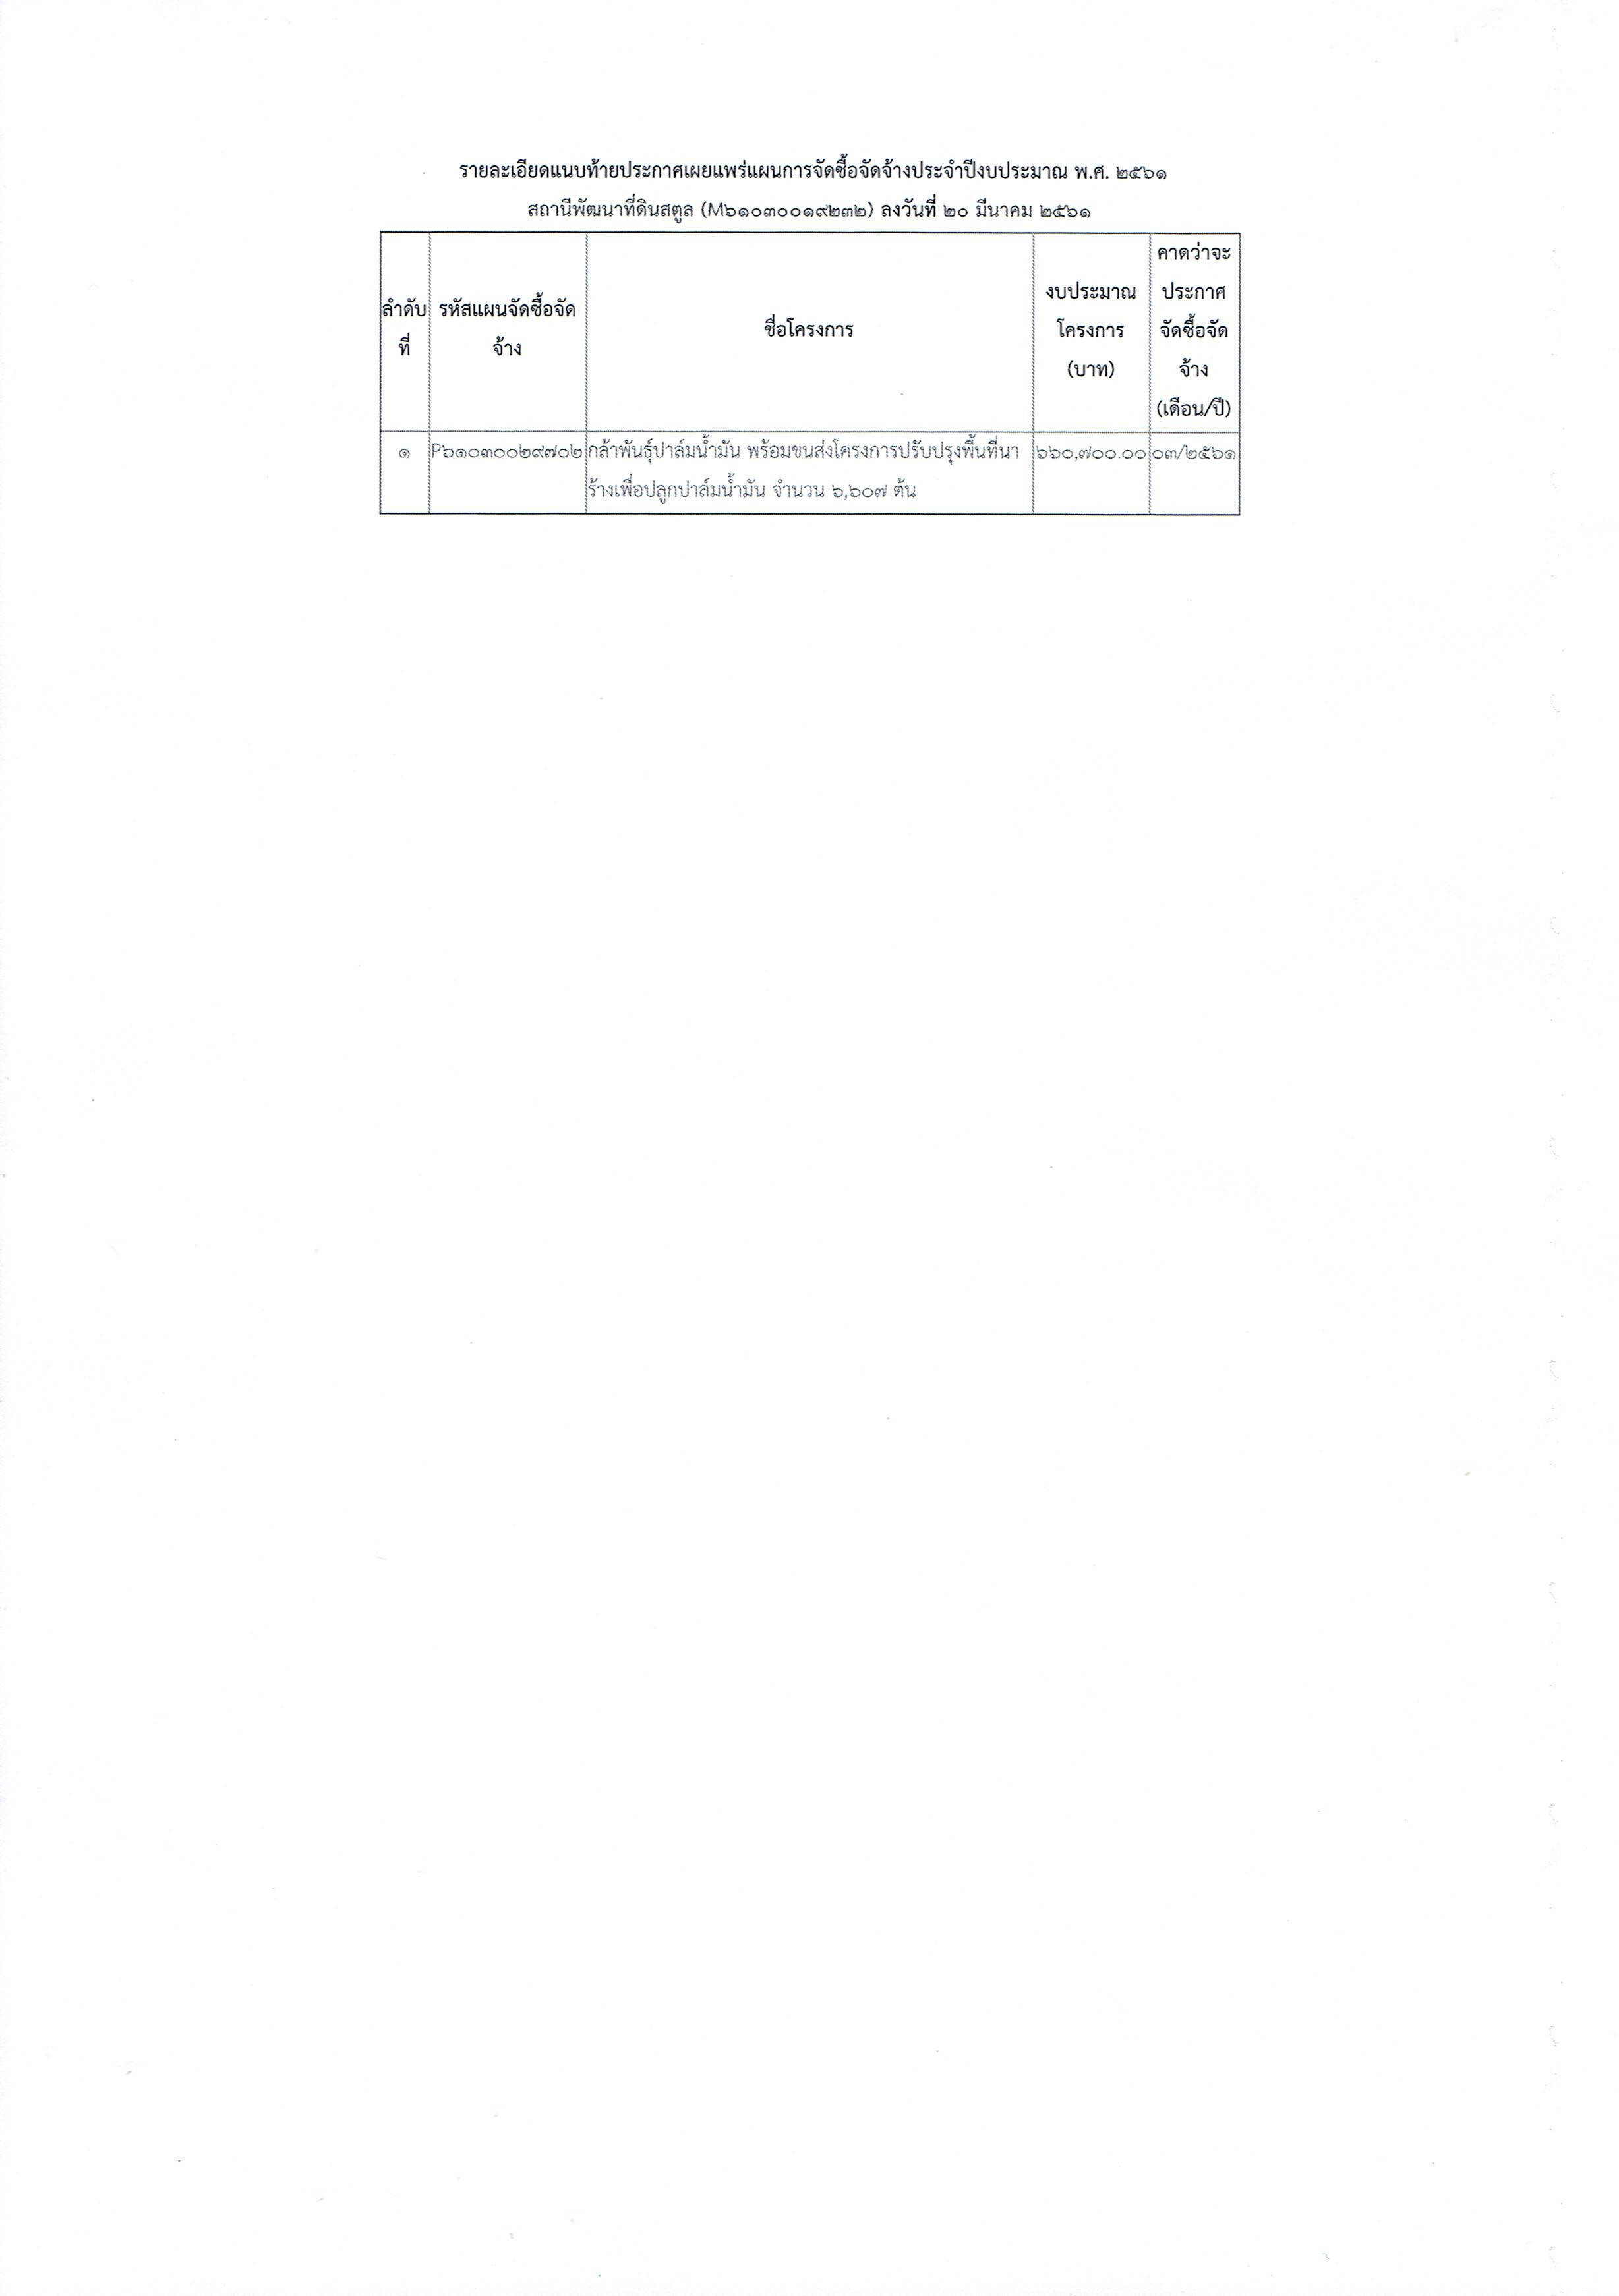 เผยแพร่แผนการจัดซื้อจัดจ้าง ประจำปีงบประมาณ พ.ศ. 2561 -2